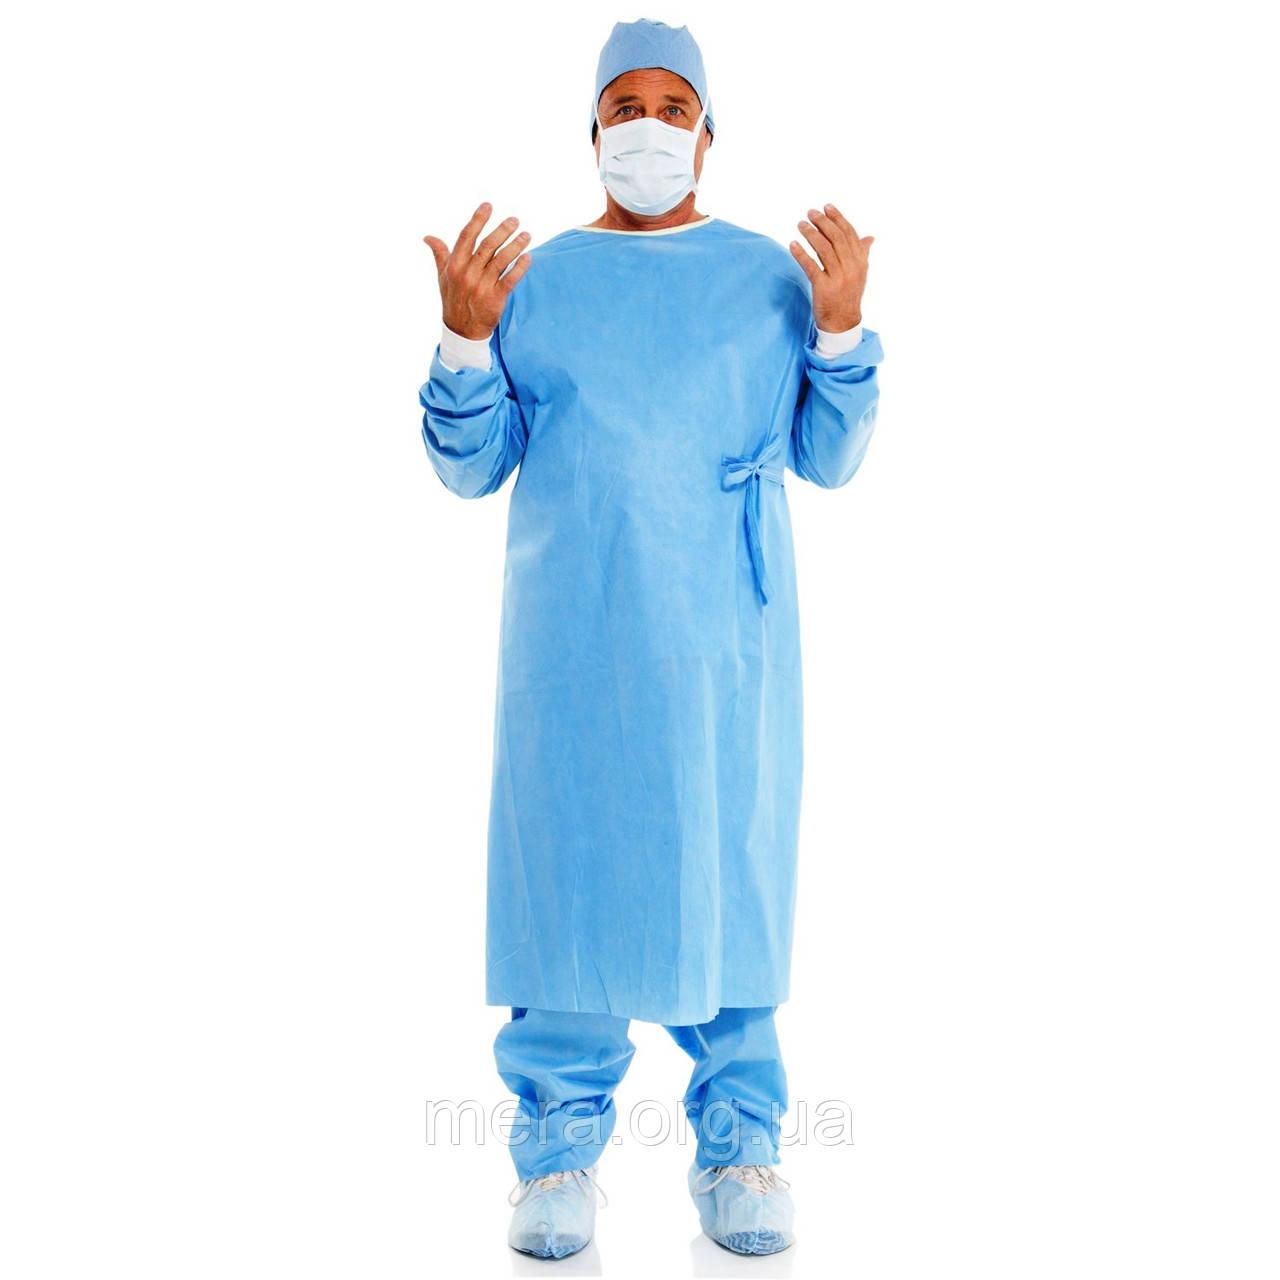 Халат хирургический, стерильный, СМС, рукав с манжетой